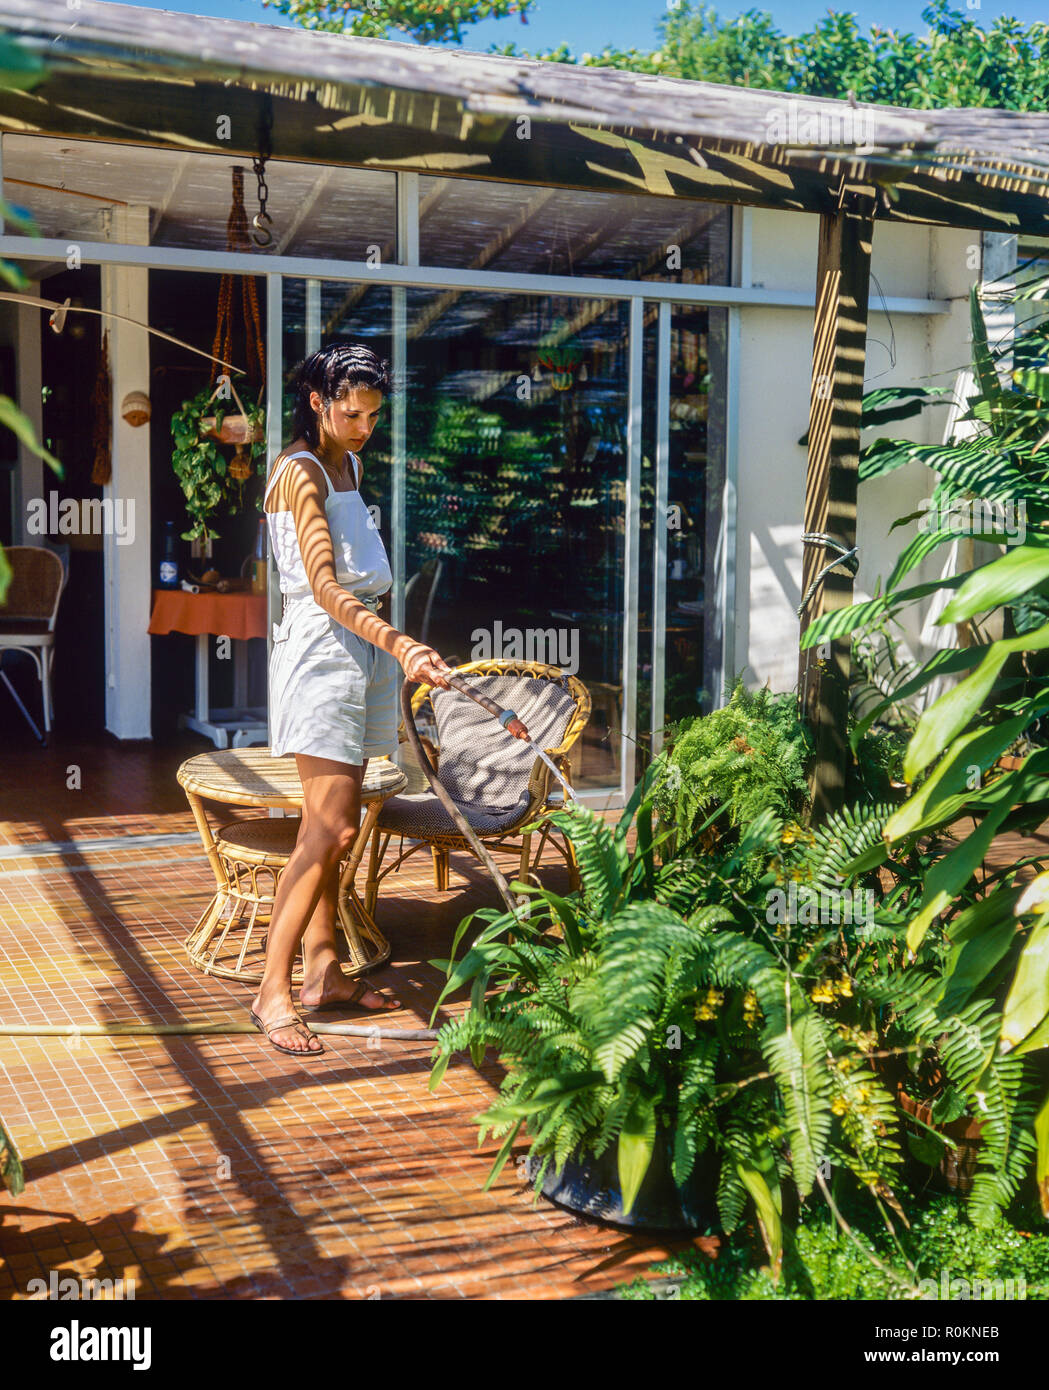 Joven Regar Las Plantas Casa Terraza Jardín Tropical